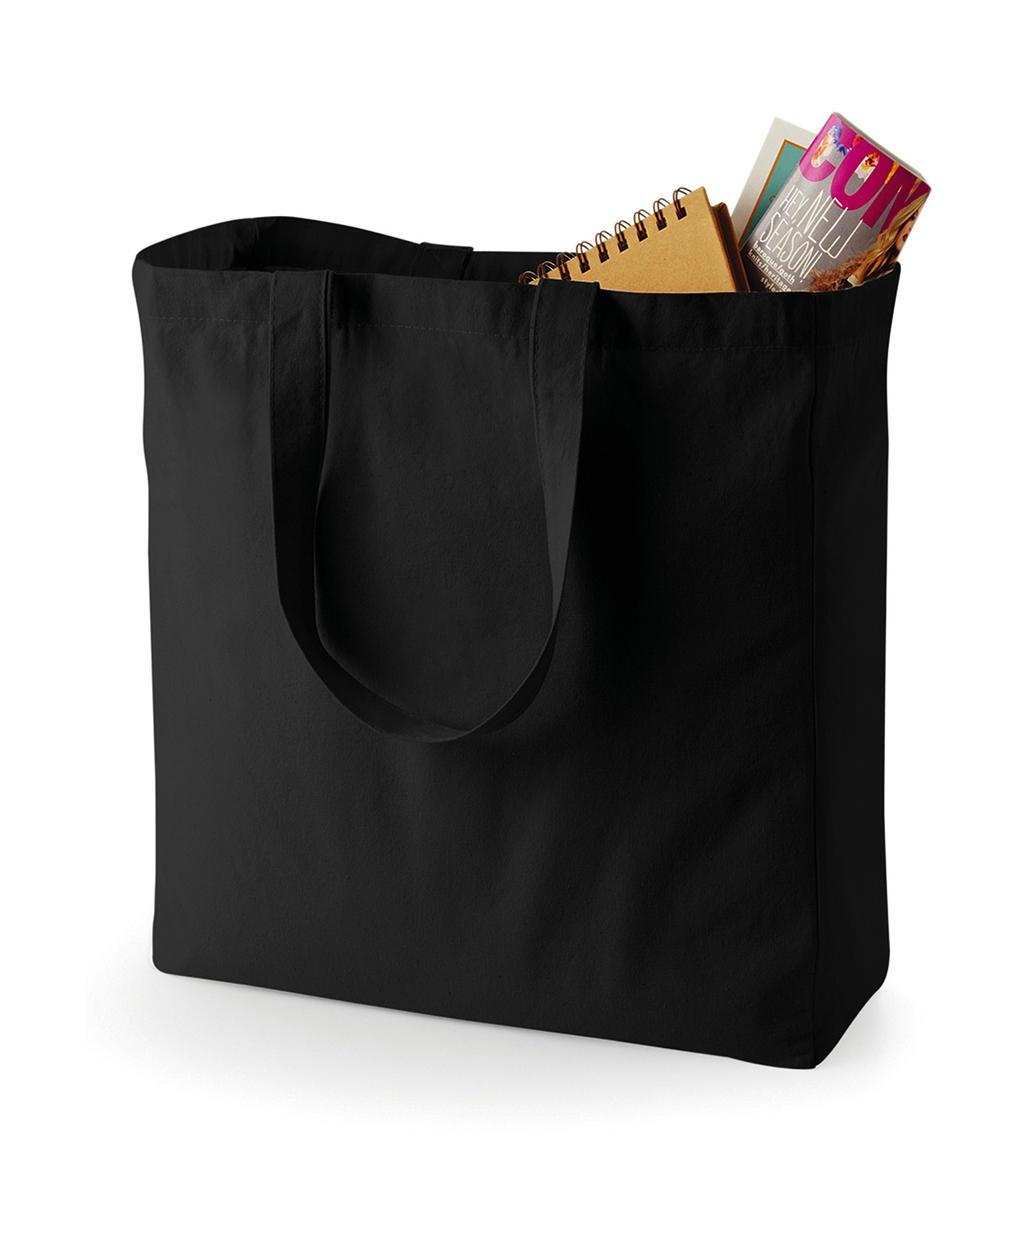 Bavlnìná taška Shopper - zvìtšit obrázek